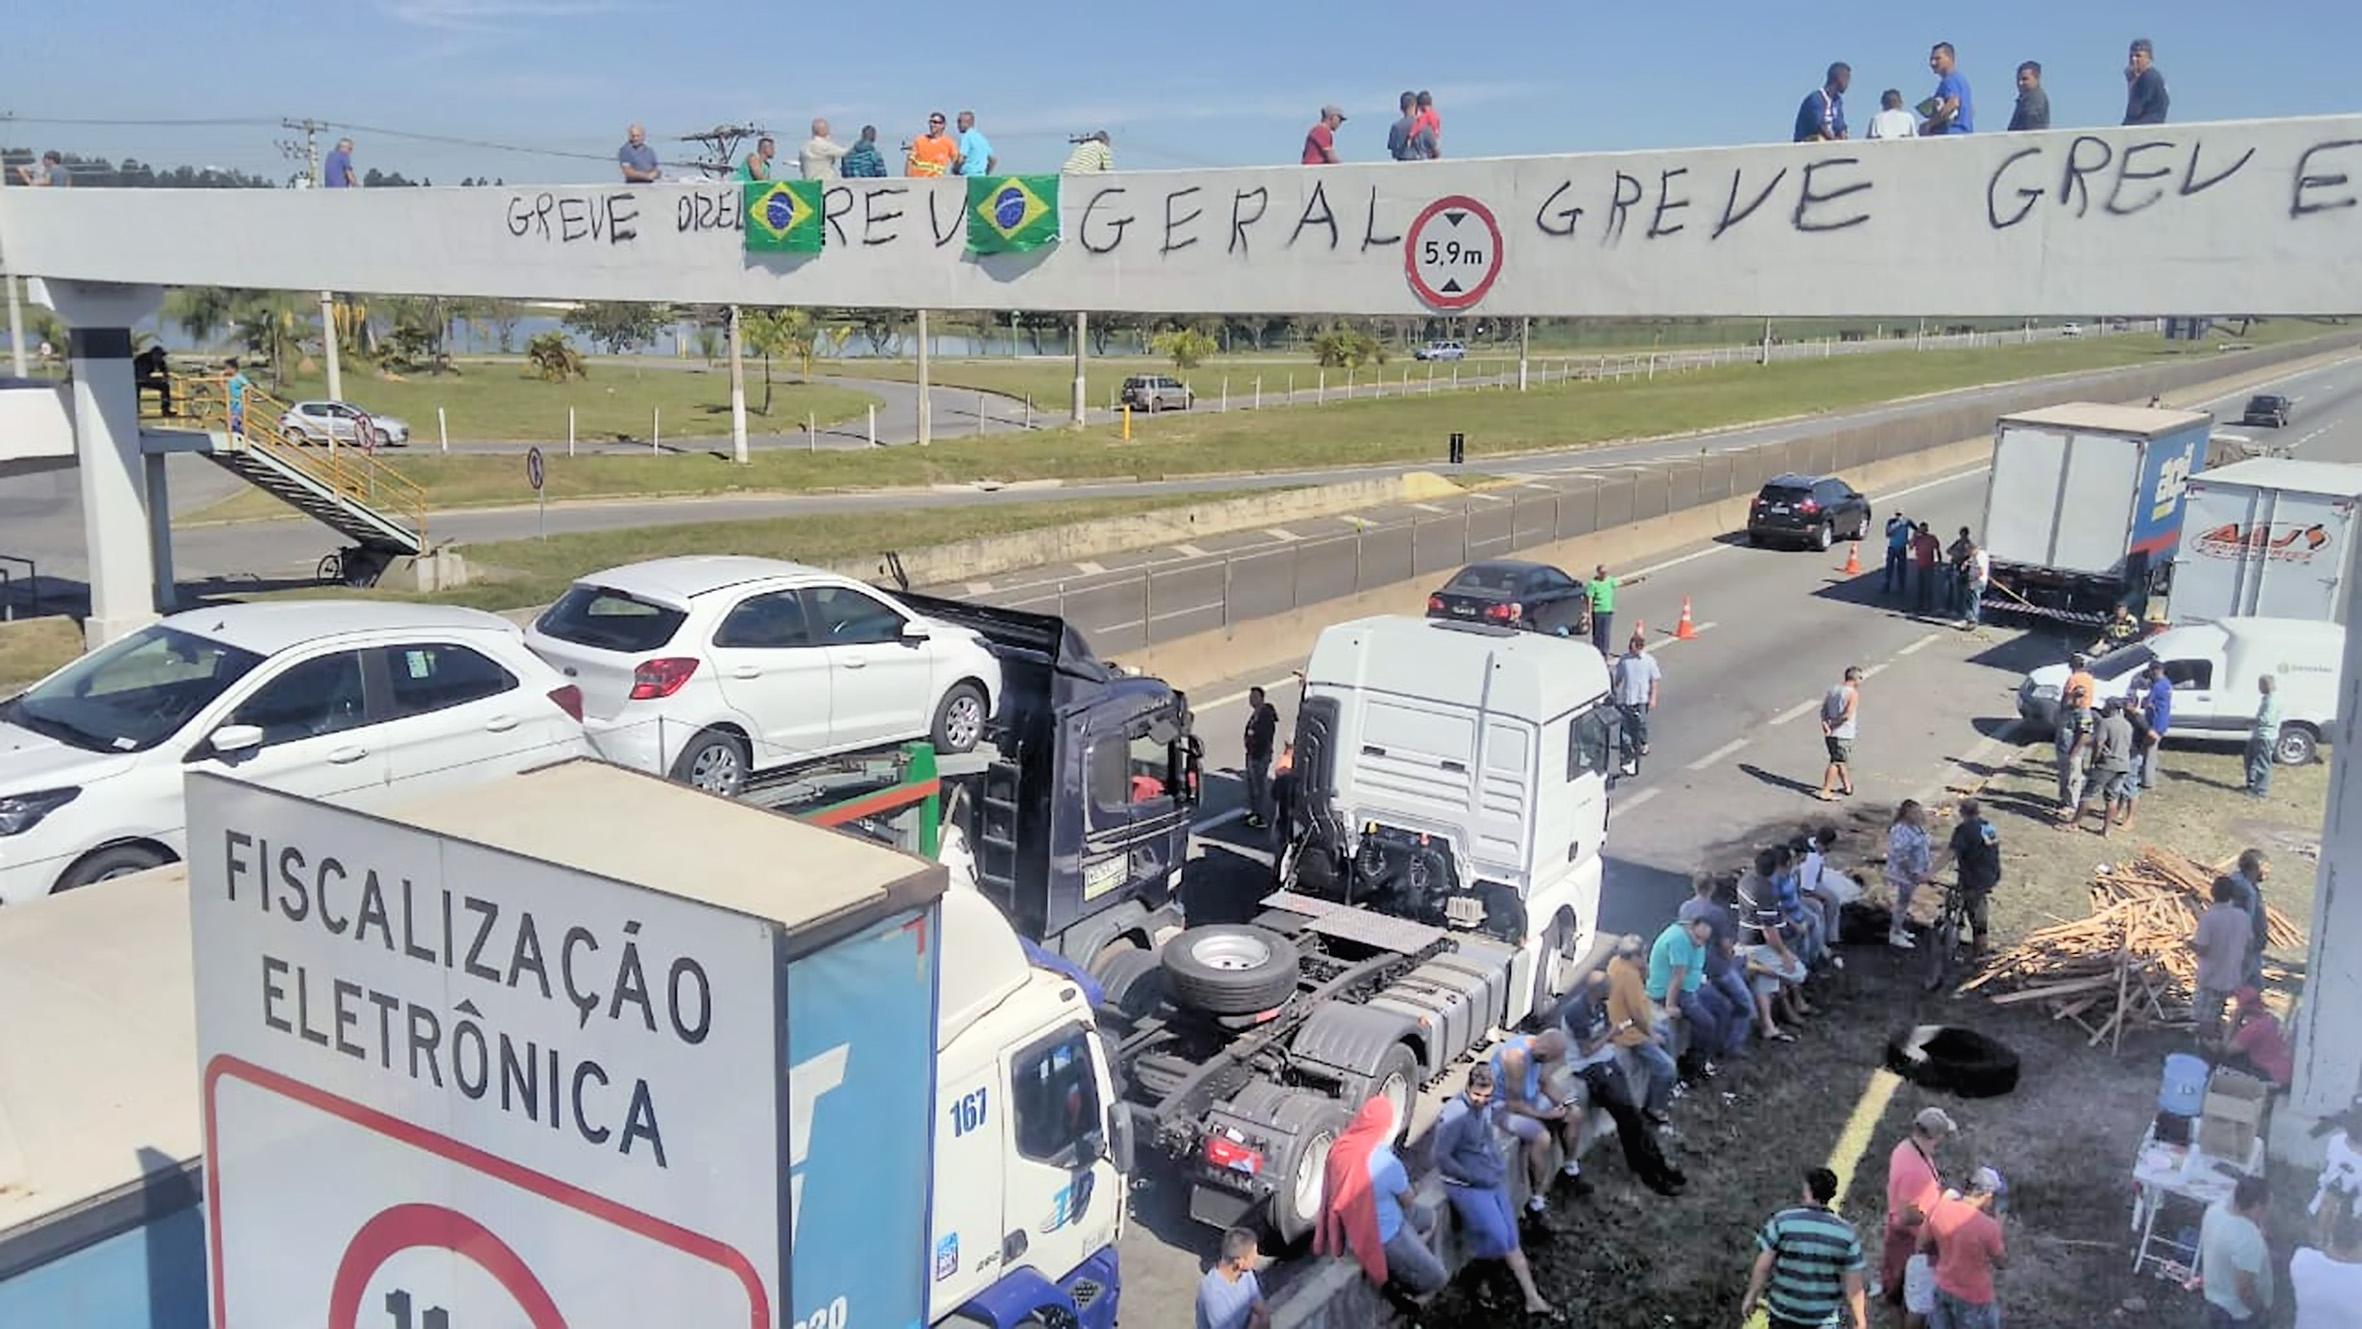 Manifestação de caminhoneiros na Rodovia Presidente Dutra, trecho em Lorena; greve segue pelo terceiro dia no país (Foto: Francisco Assis)